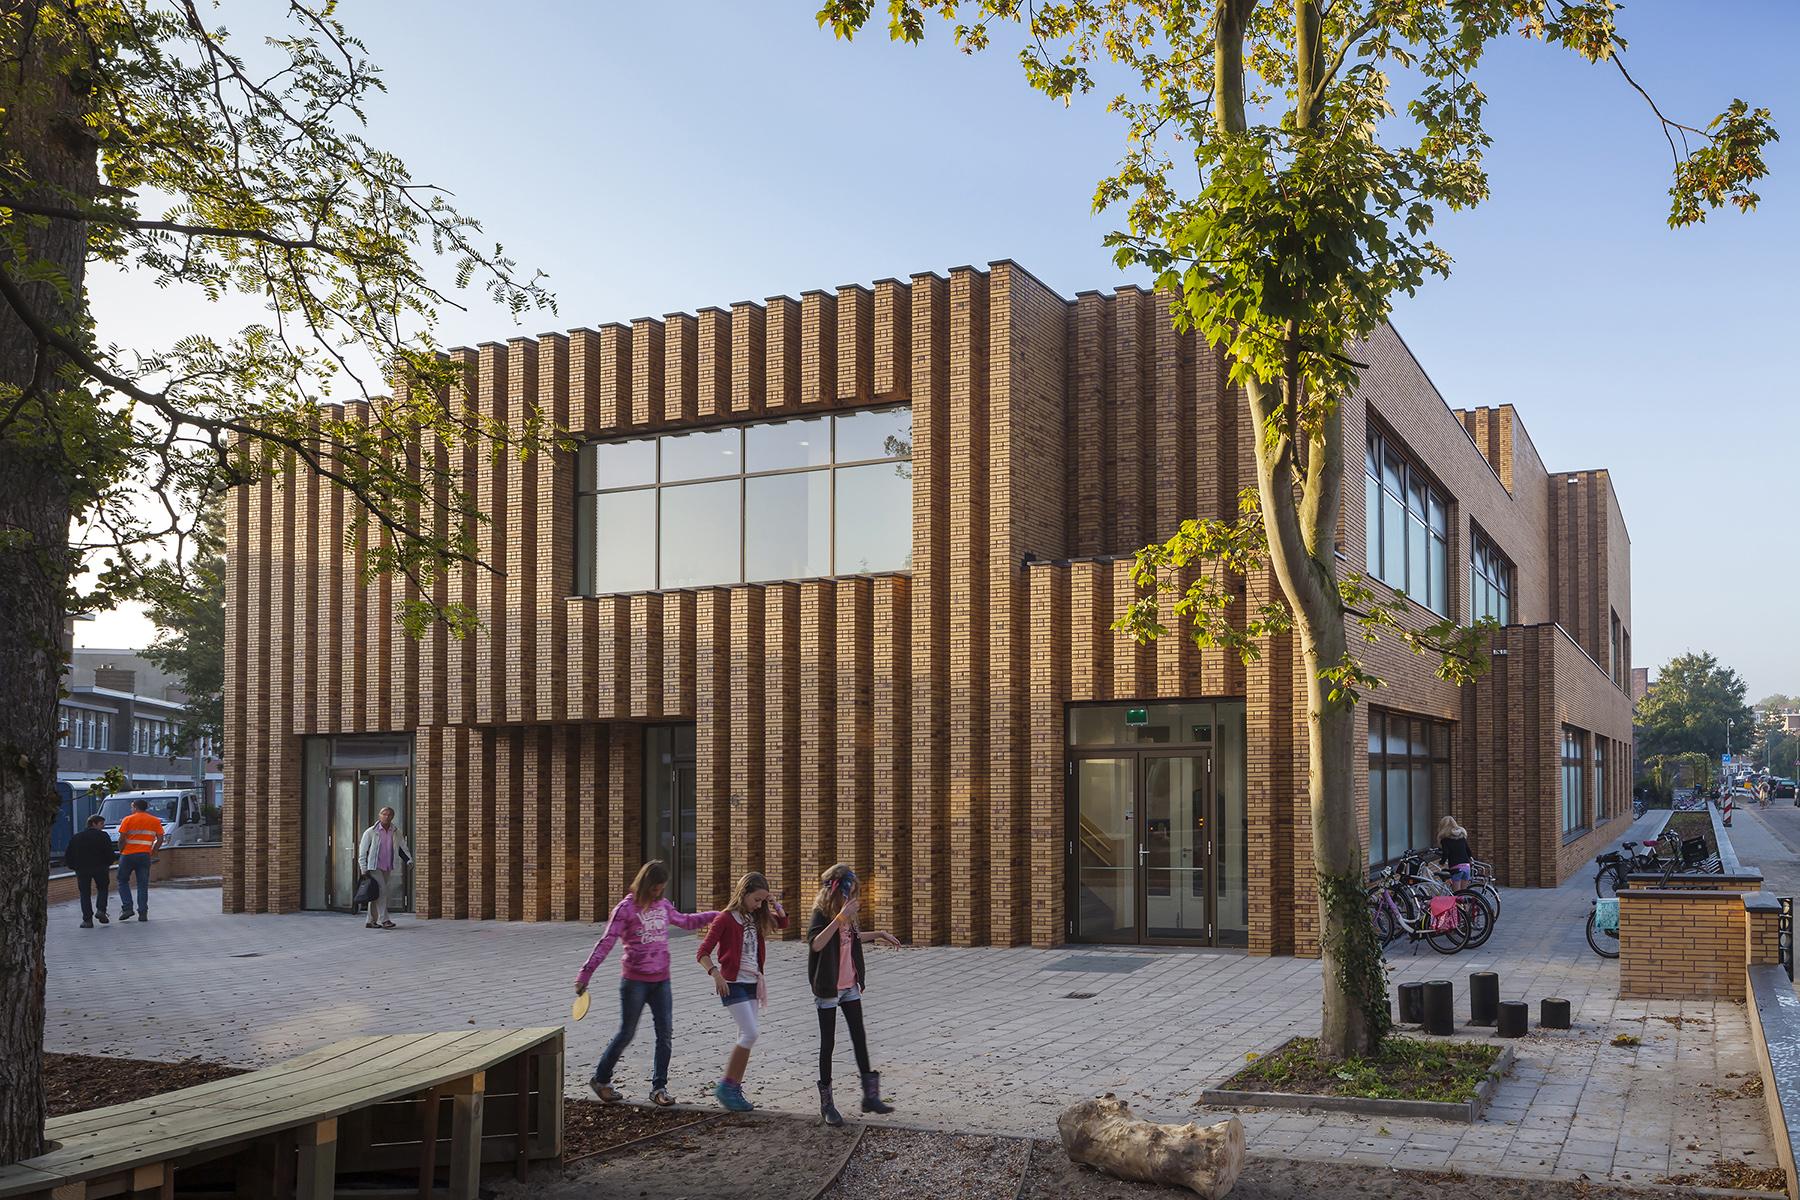 Montessorischool Waalsdoorp door de Zwarte Hond. Winnaar GvhJ2015 in de categorie Stimulerende Omgevingen